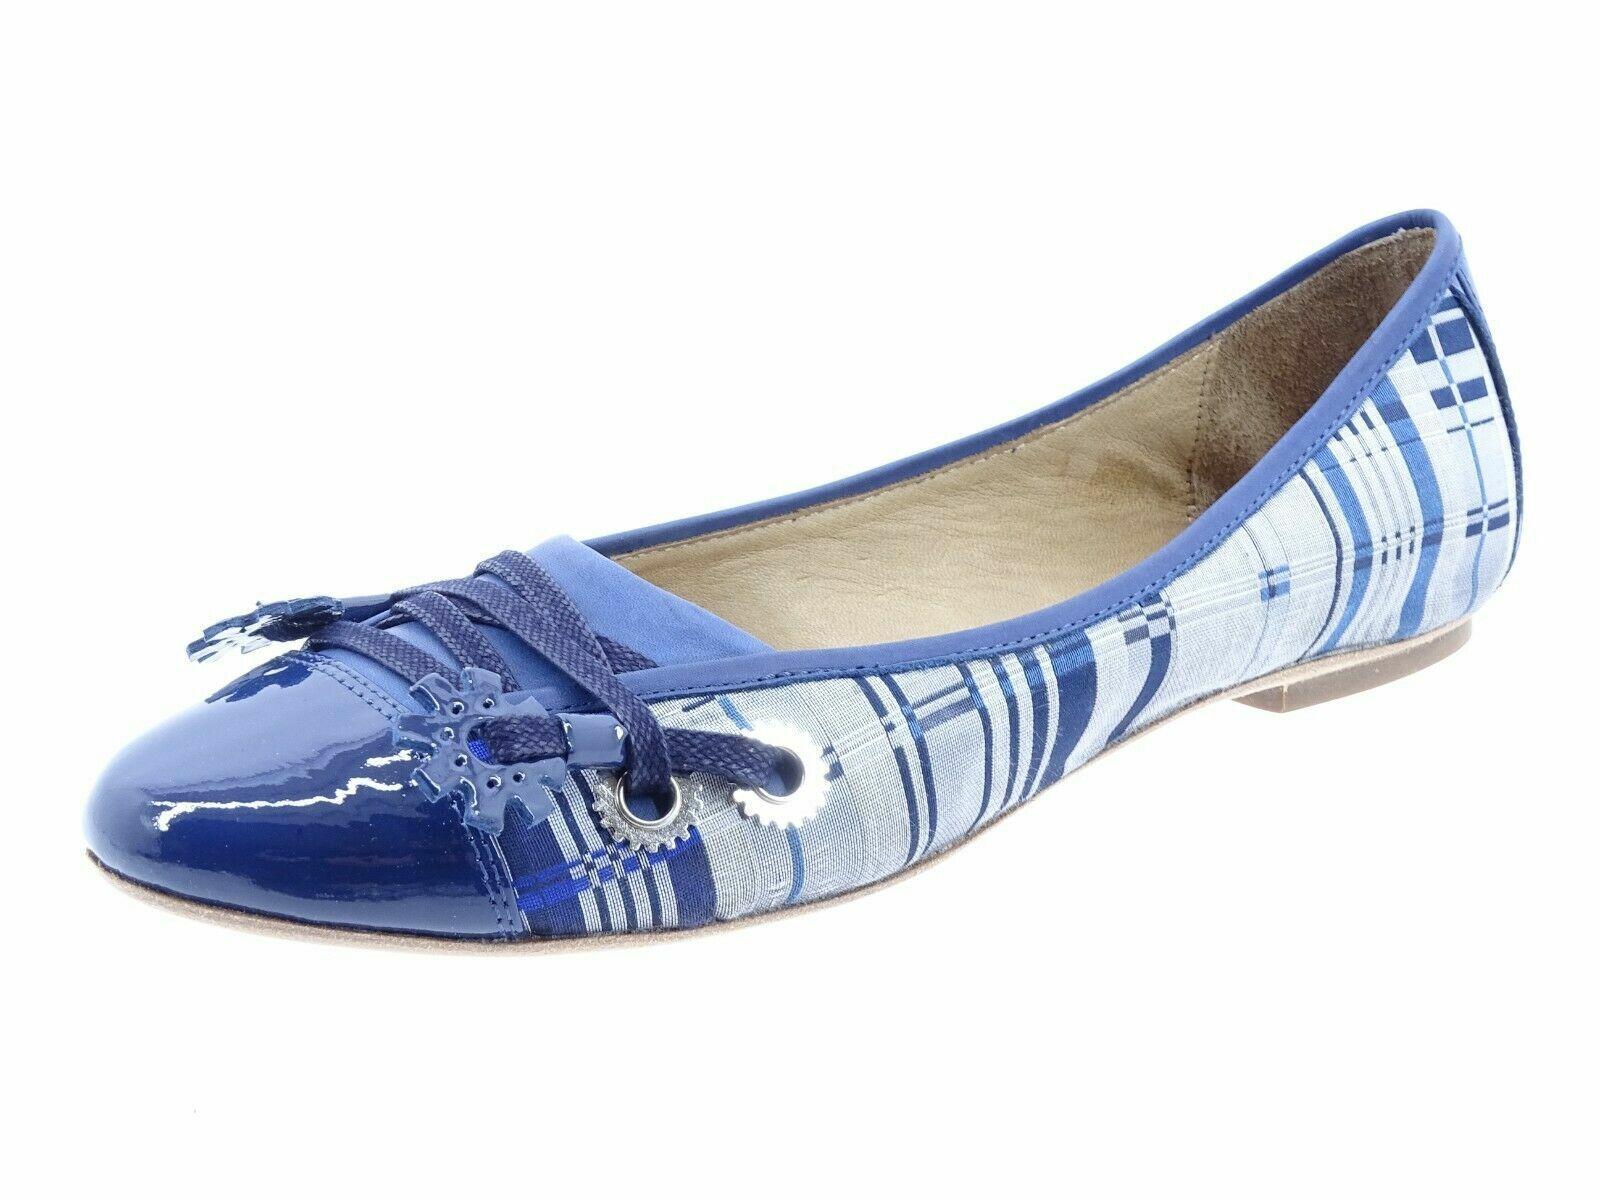 Marithe Francois Girbaud Schuhe Damen Halbschuhe Ballerinas Slipper Gr 37 Leder